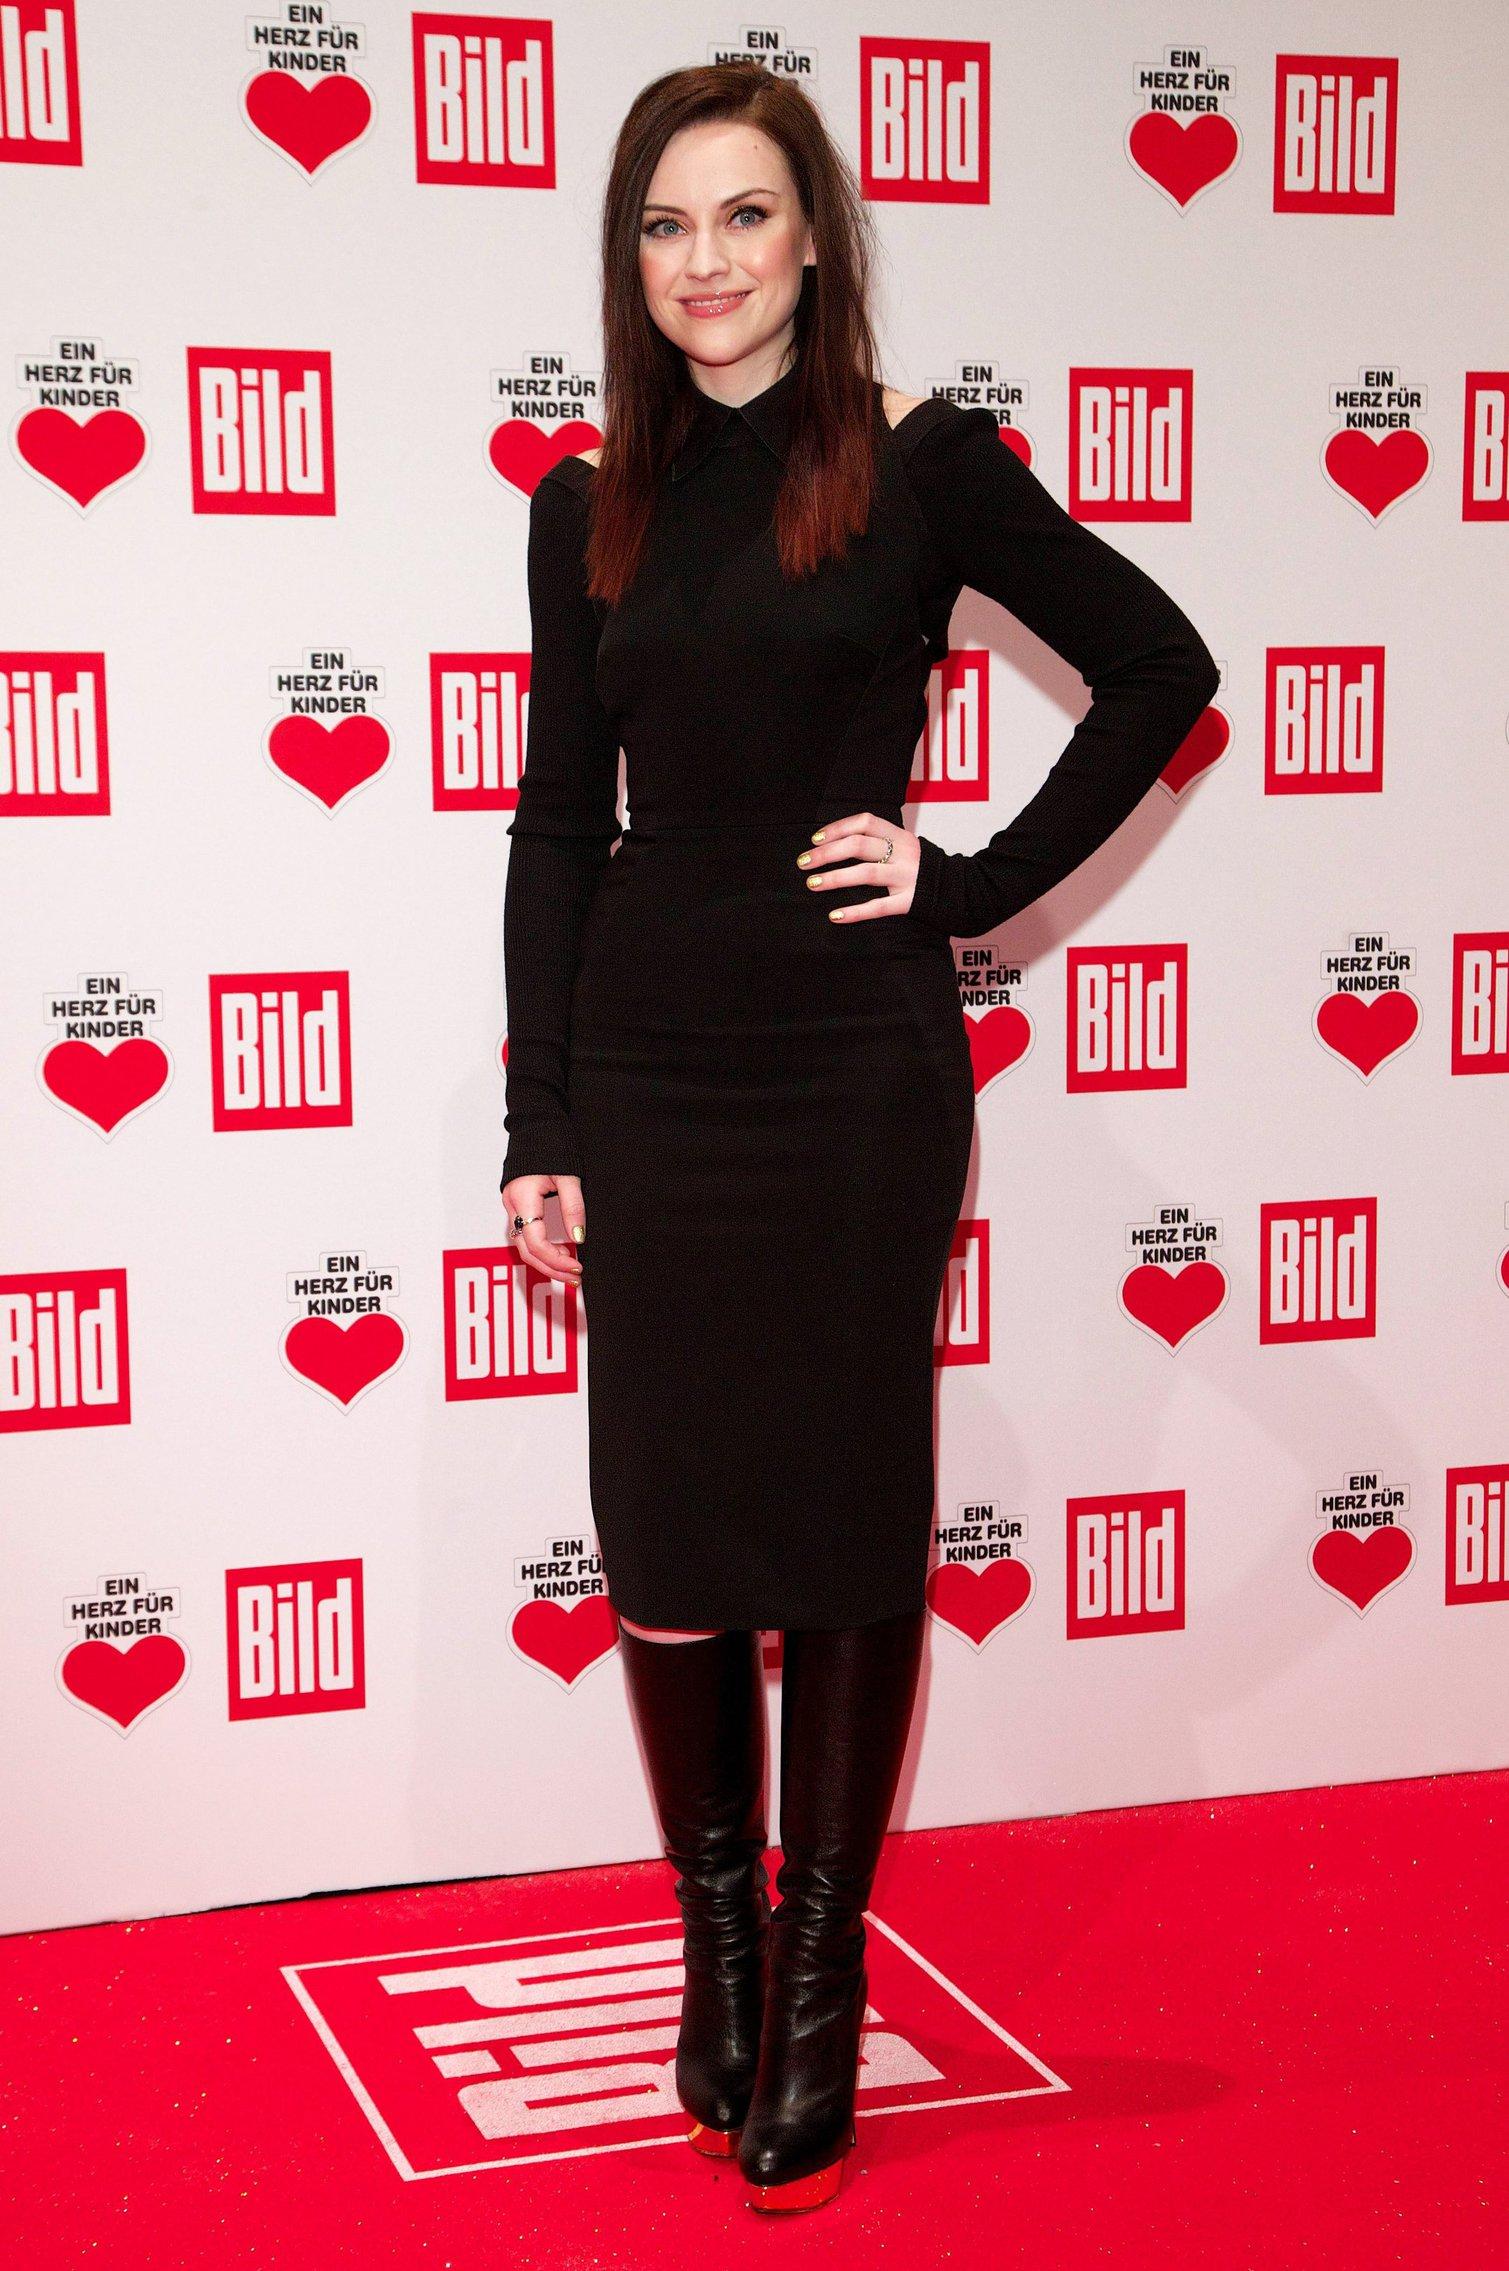 Amy Macdonald Ein Herz für Kinder Charity Gala in Berlin 15.12.12